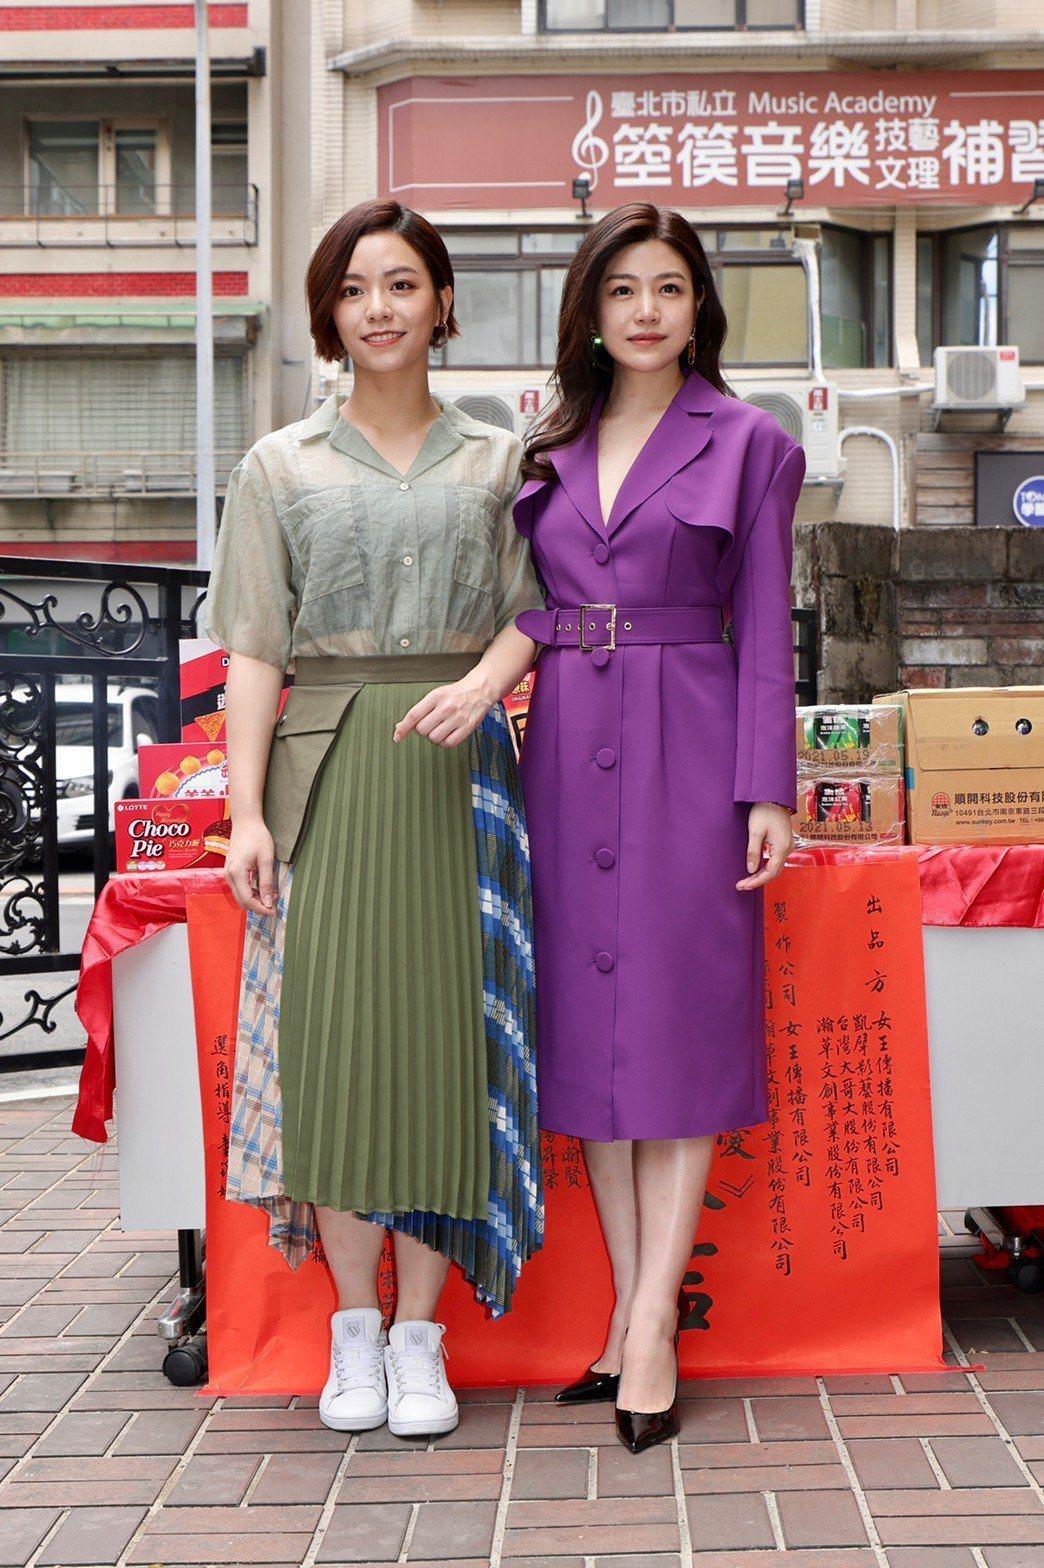 陳妍希(右)、宋芸樺因演出「少女」夯片,成為當代女神。記者李政龍/攝影